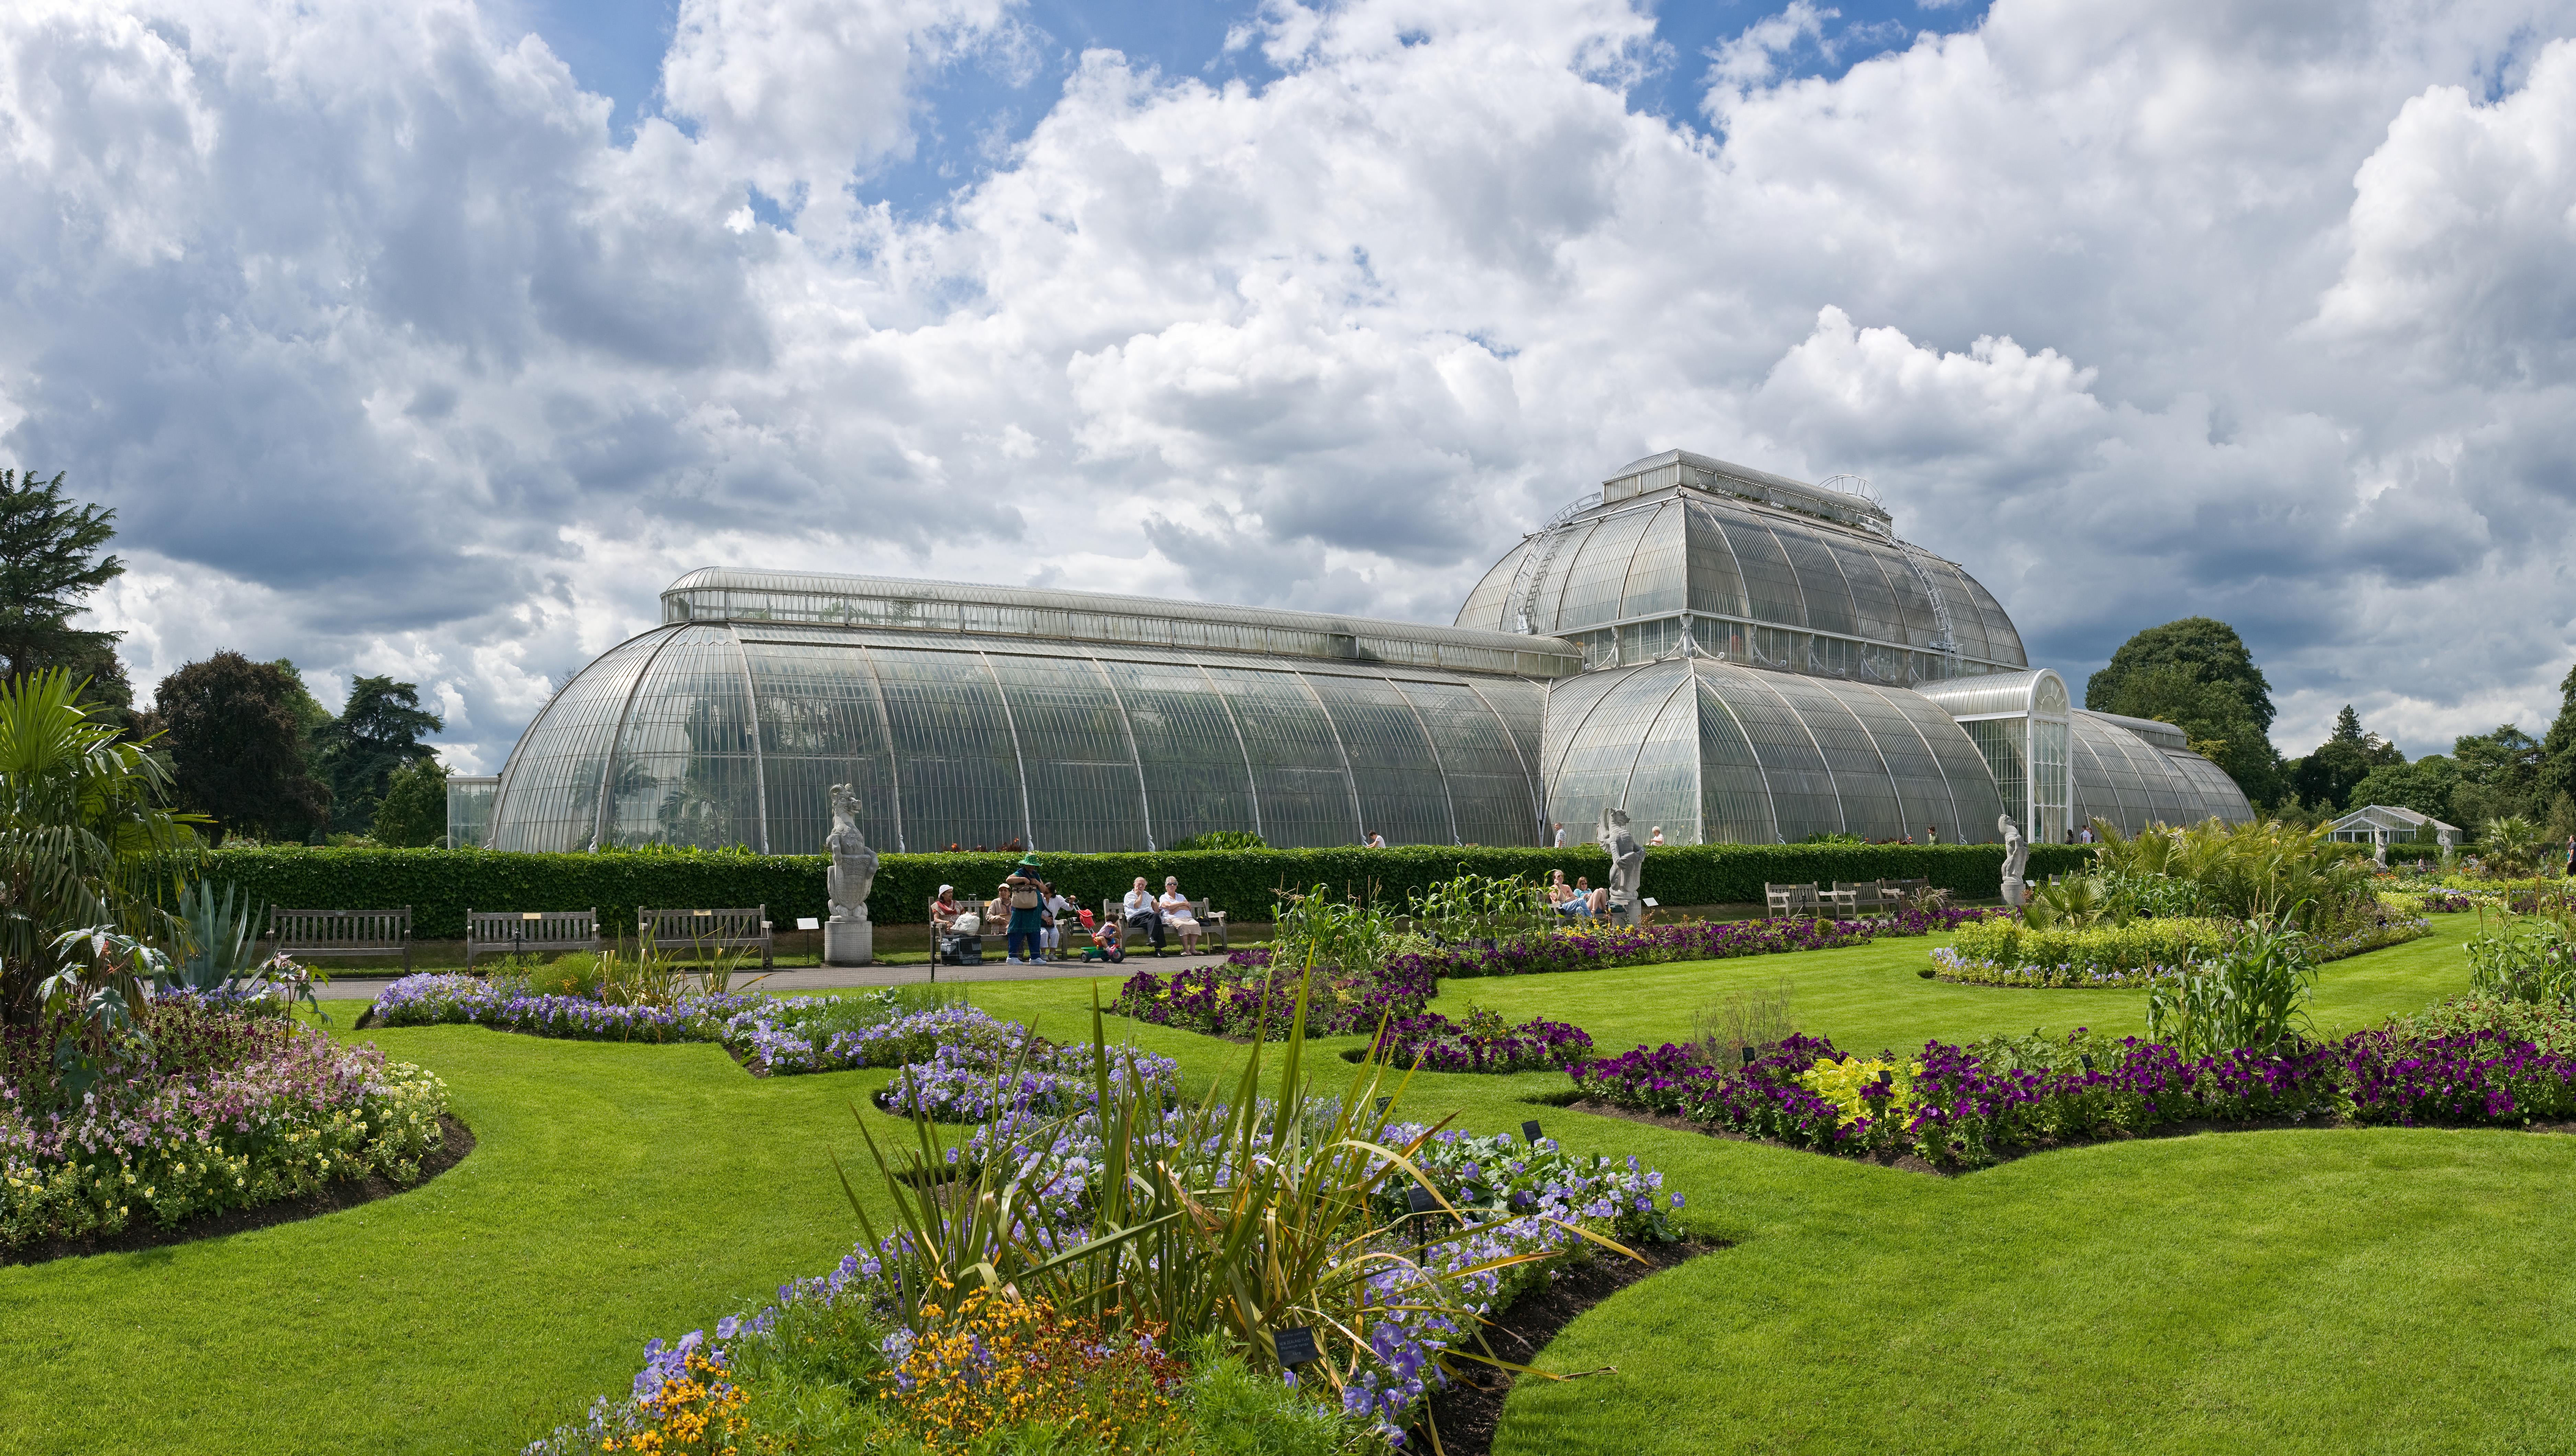 botanical gardens royal botanic gardens, kew[edit] XZNAUVO